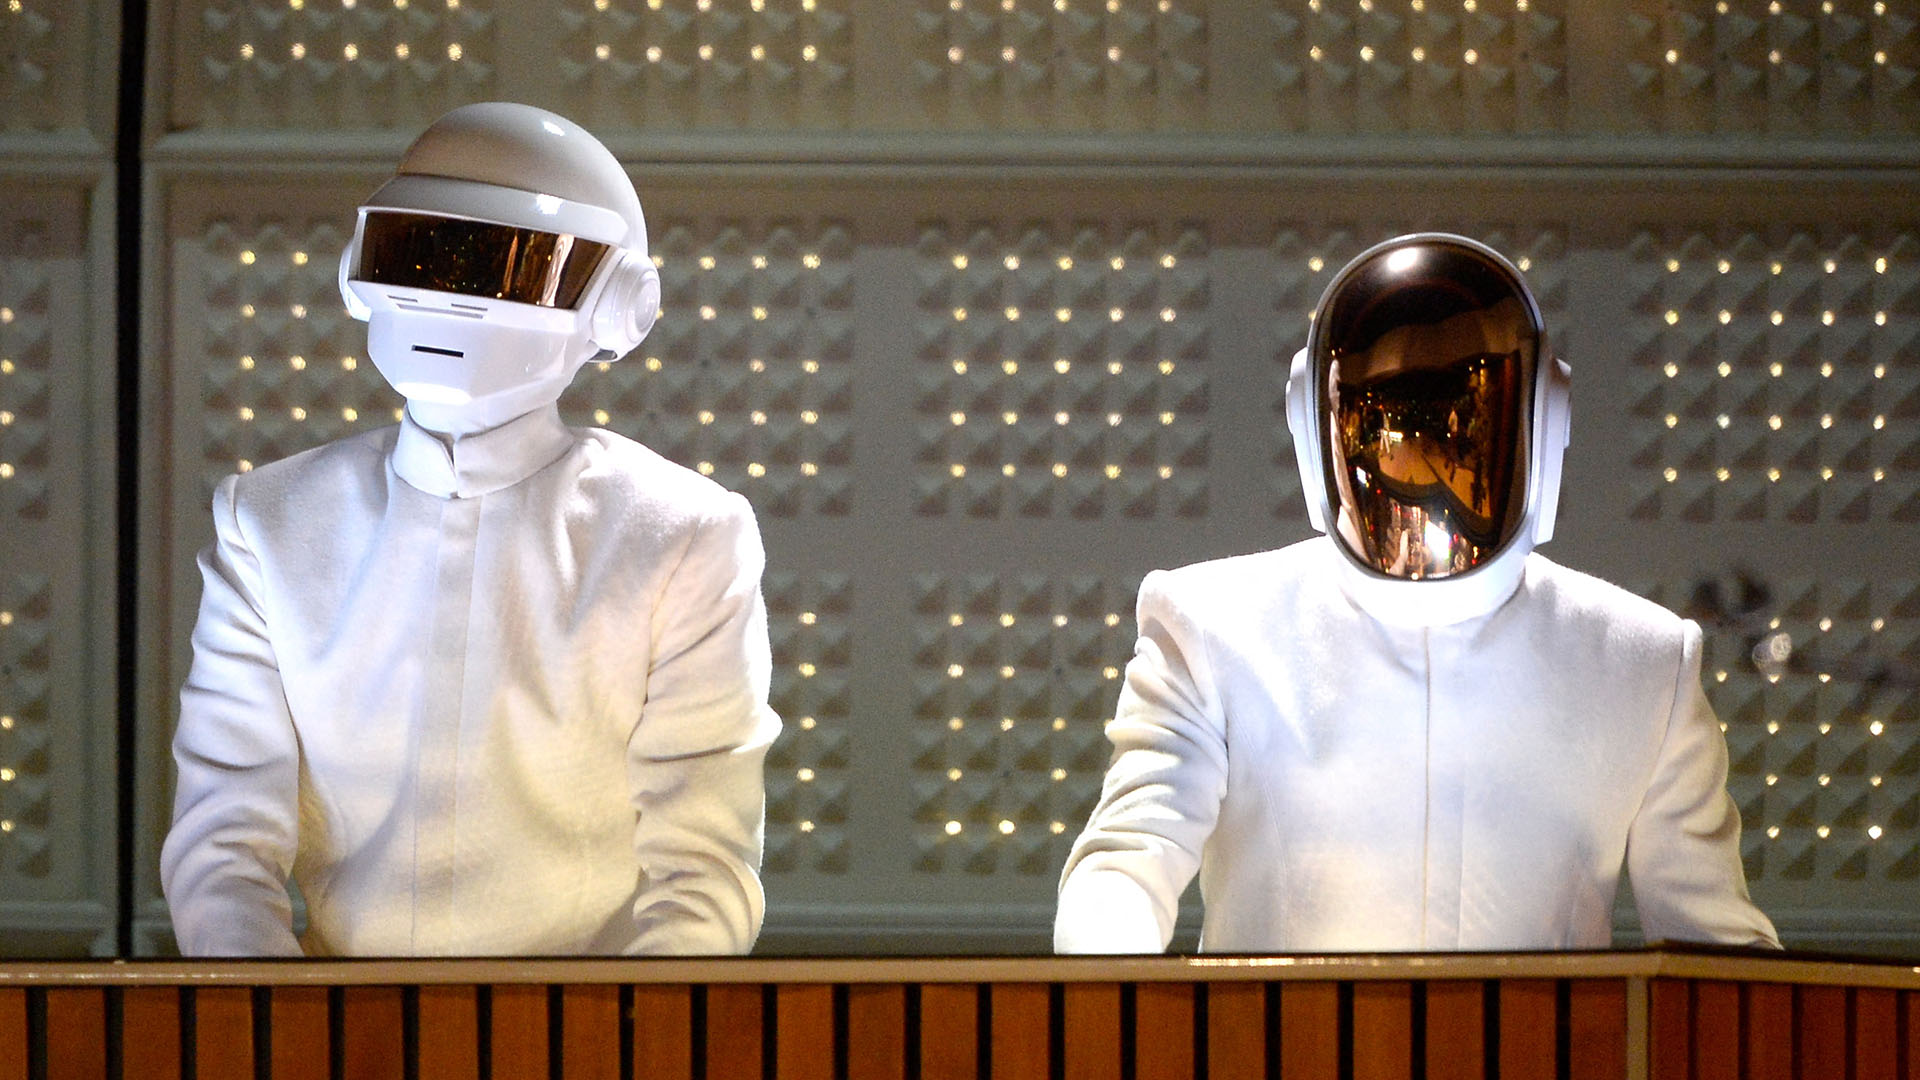 28 év után feloszlik a Daft Punk